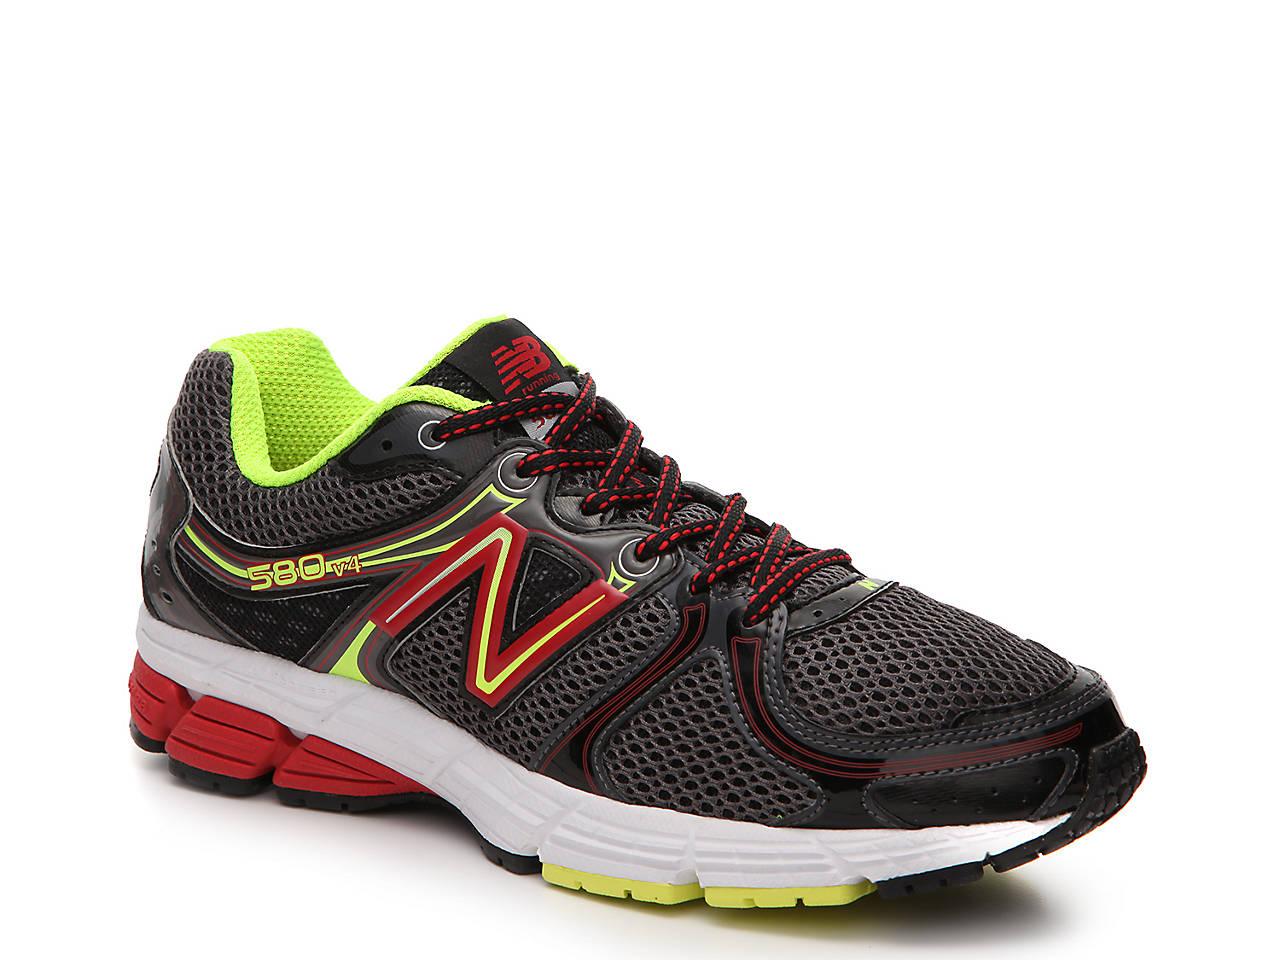 new balance running 580 v4